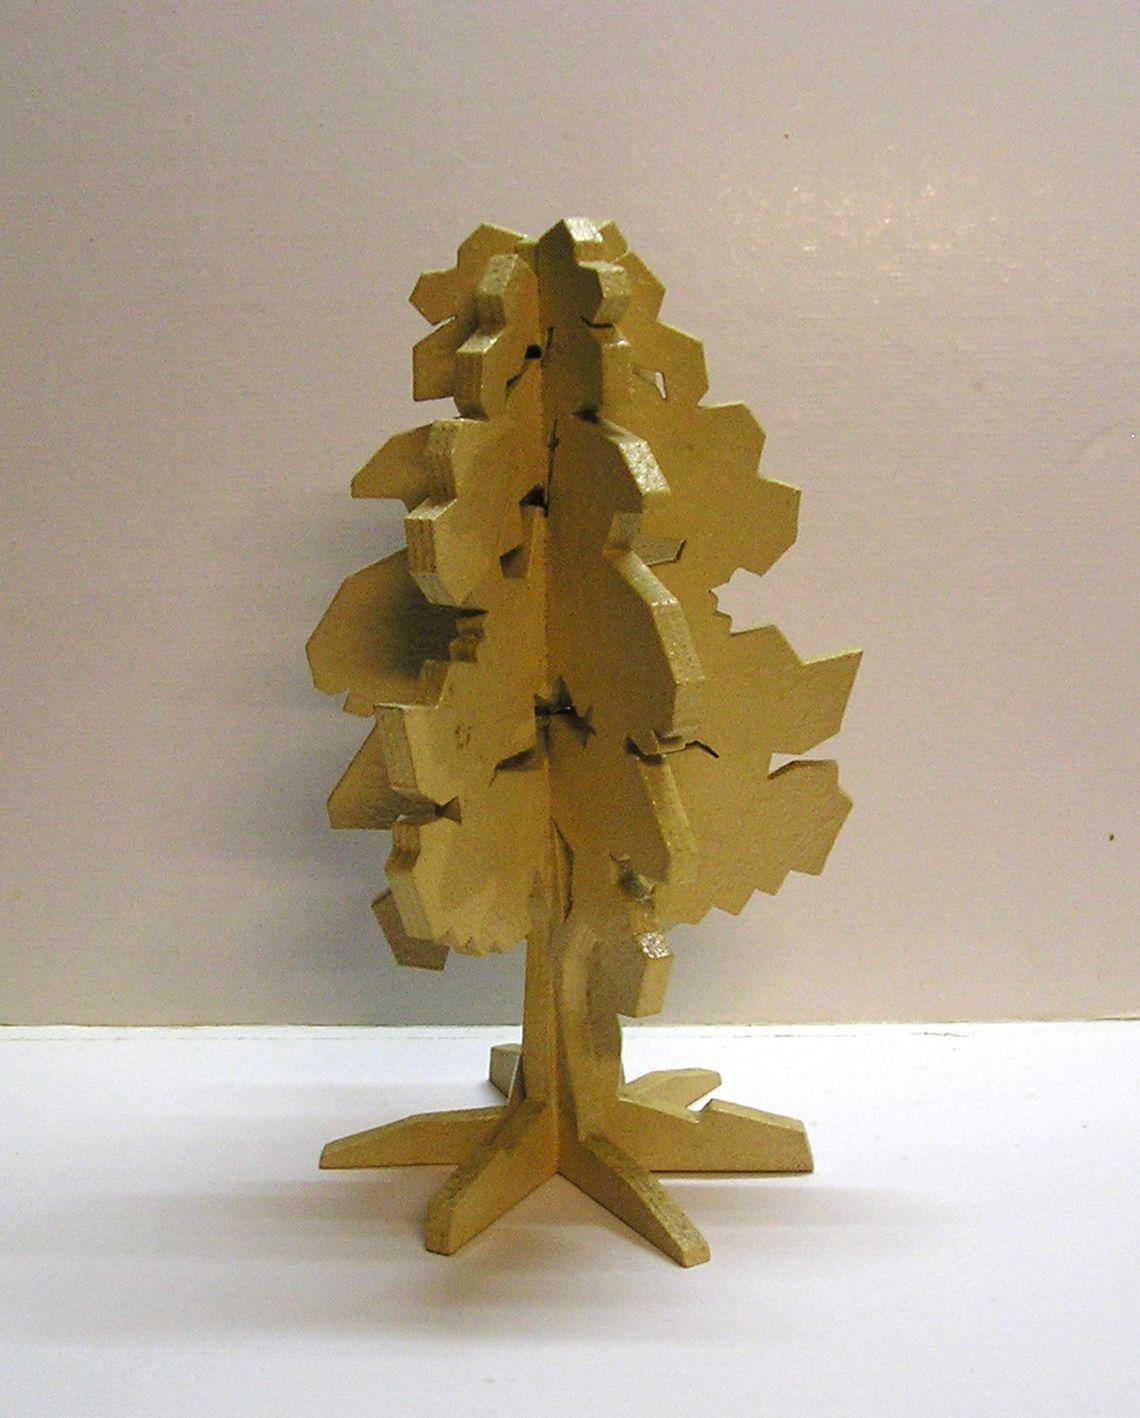 Frassino scultura in legno - 6 elementi trattati con plastico e sabbia - cm 21 x 39 H - Ash-tree 6 wood elements covered with sand-plastic.